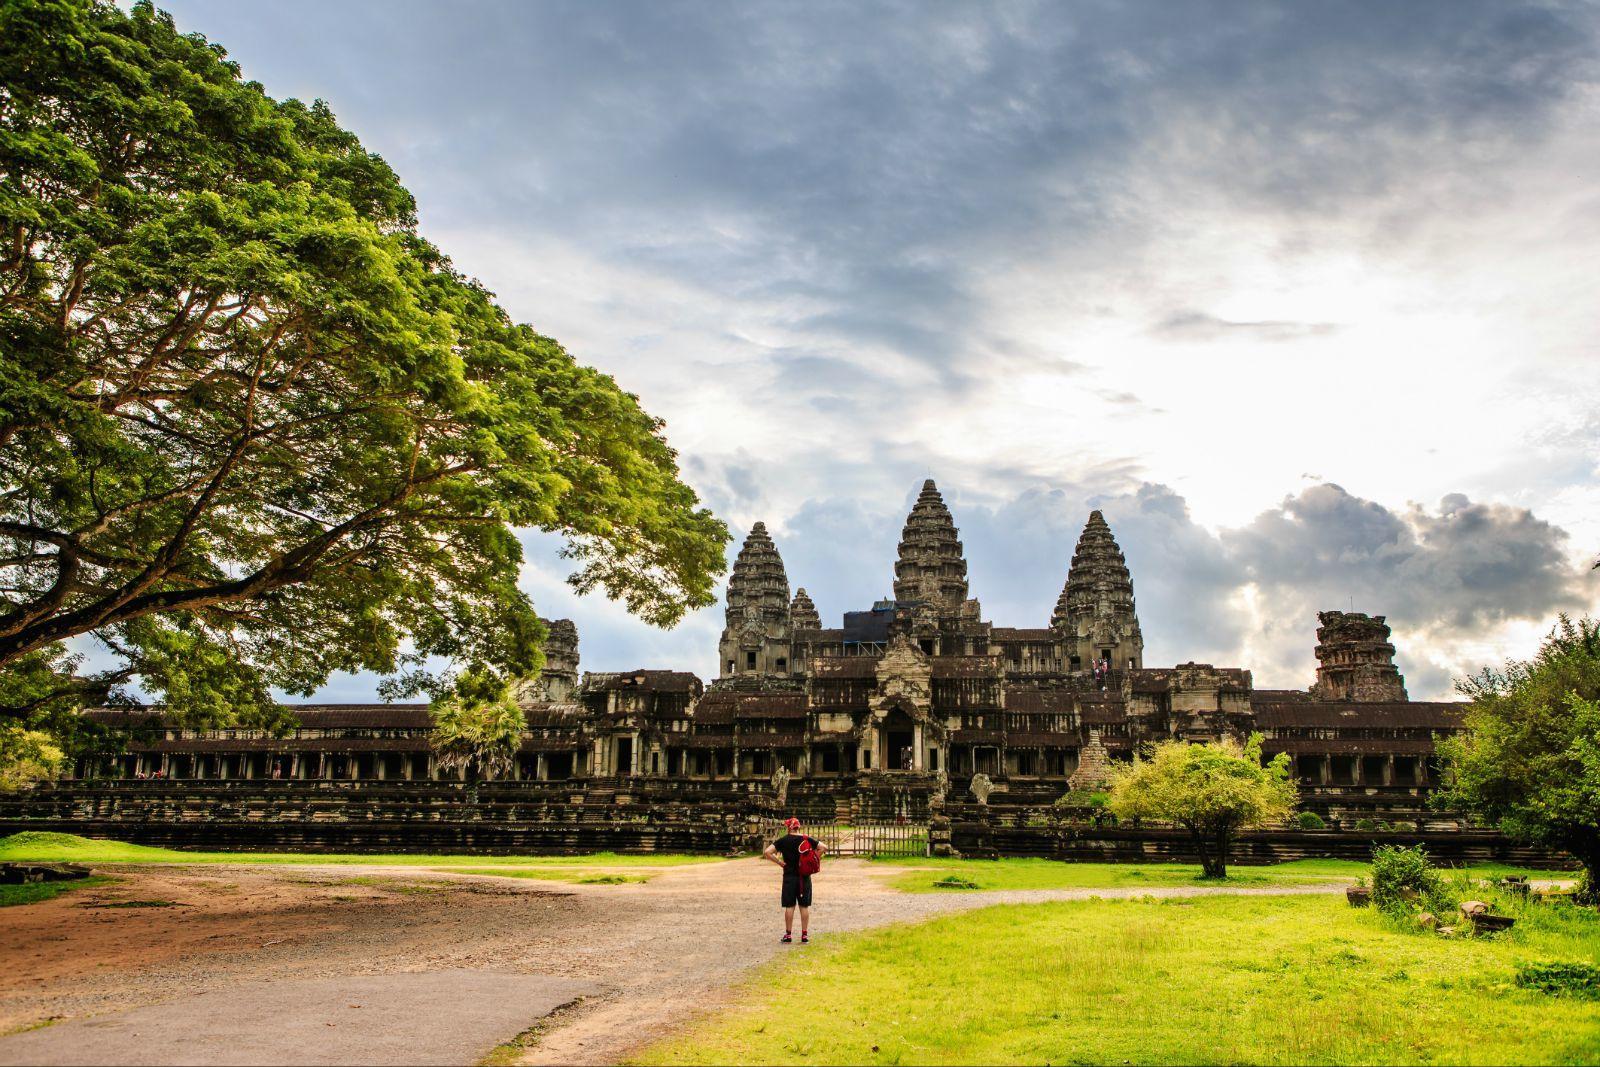 东南亚三国漫游——越南、柬埔寨、老挝自由行行程攻略